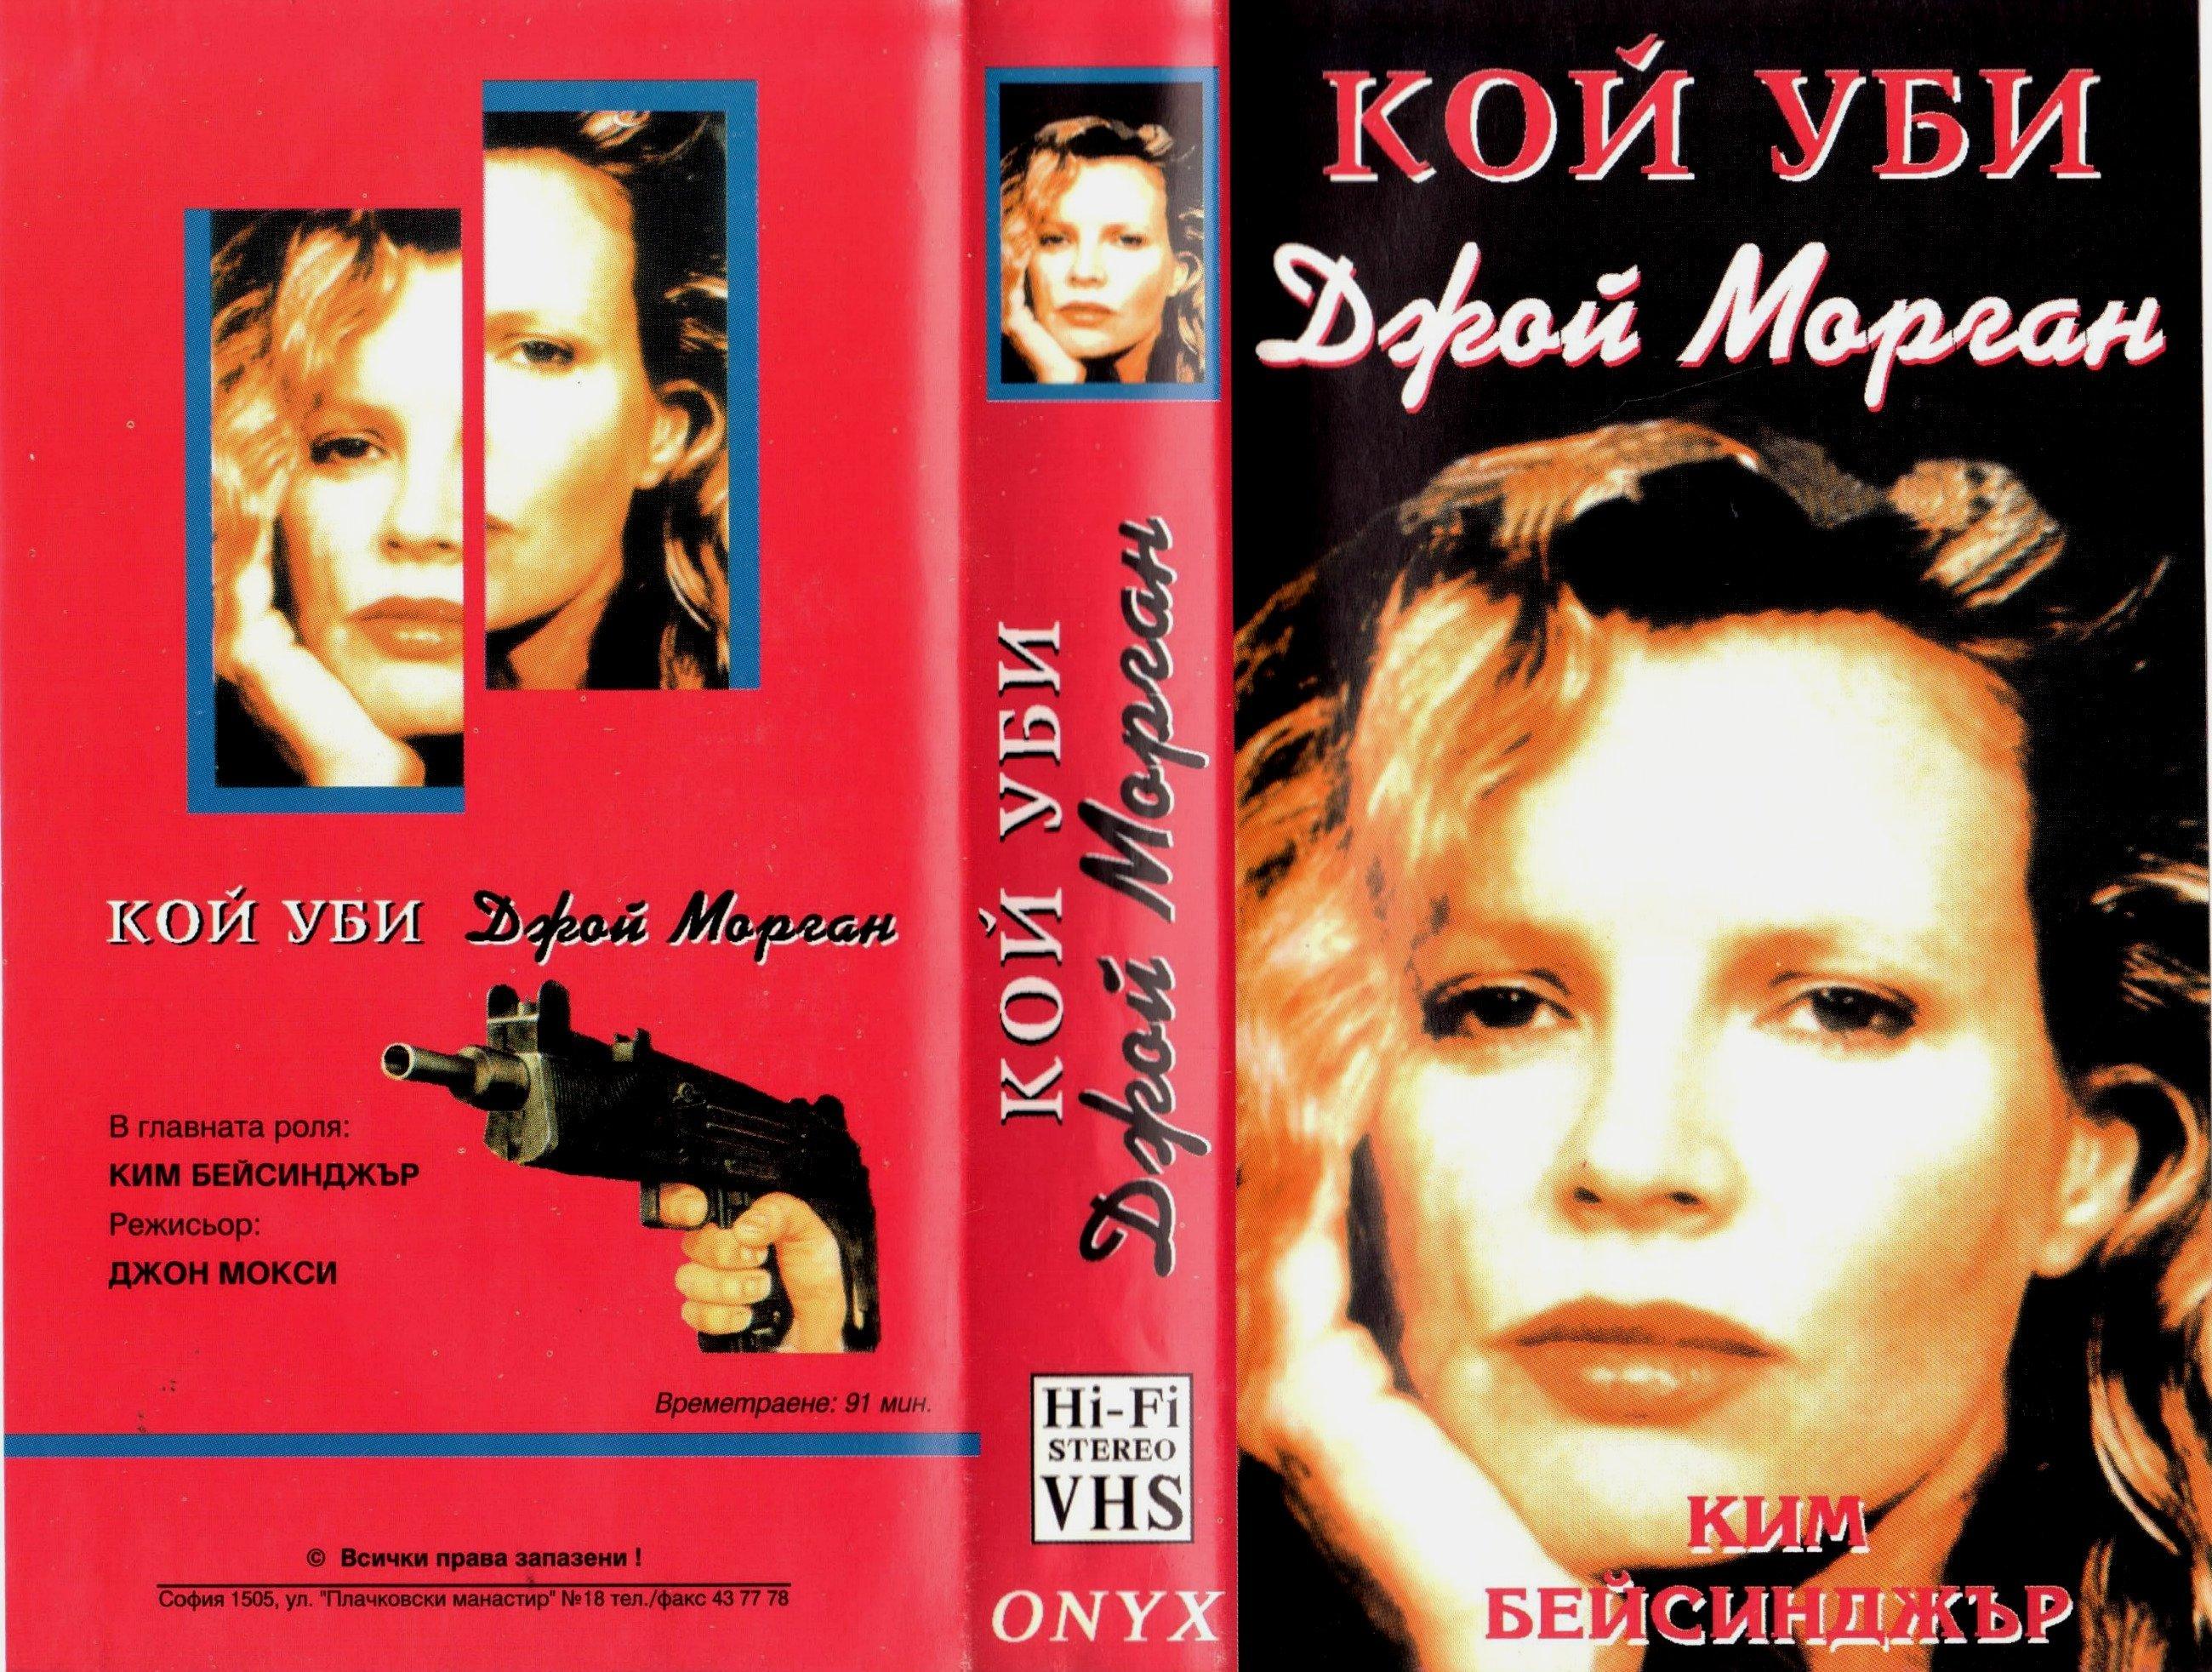 Кой уби Джой Морган филм постер